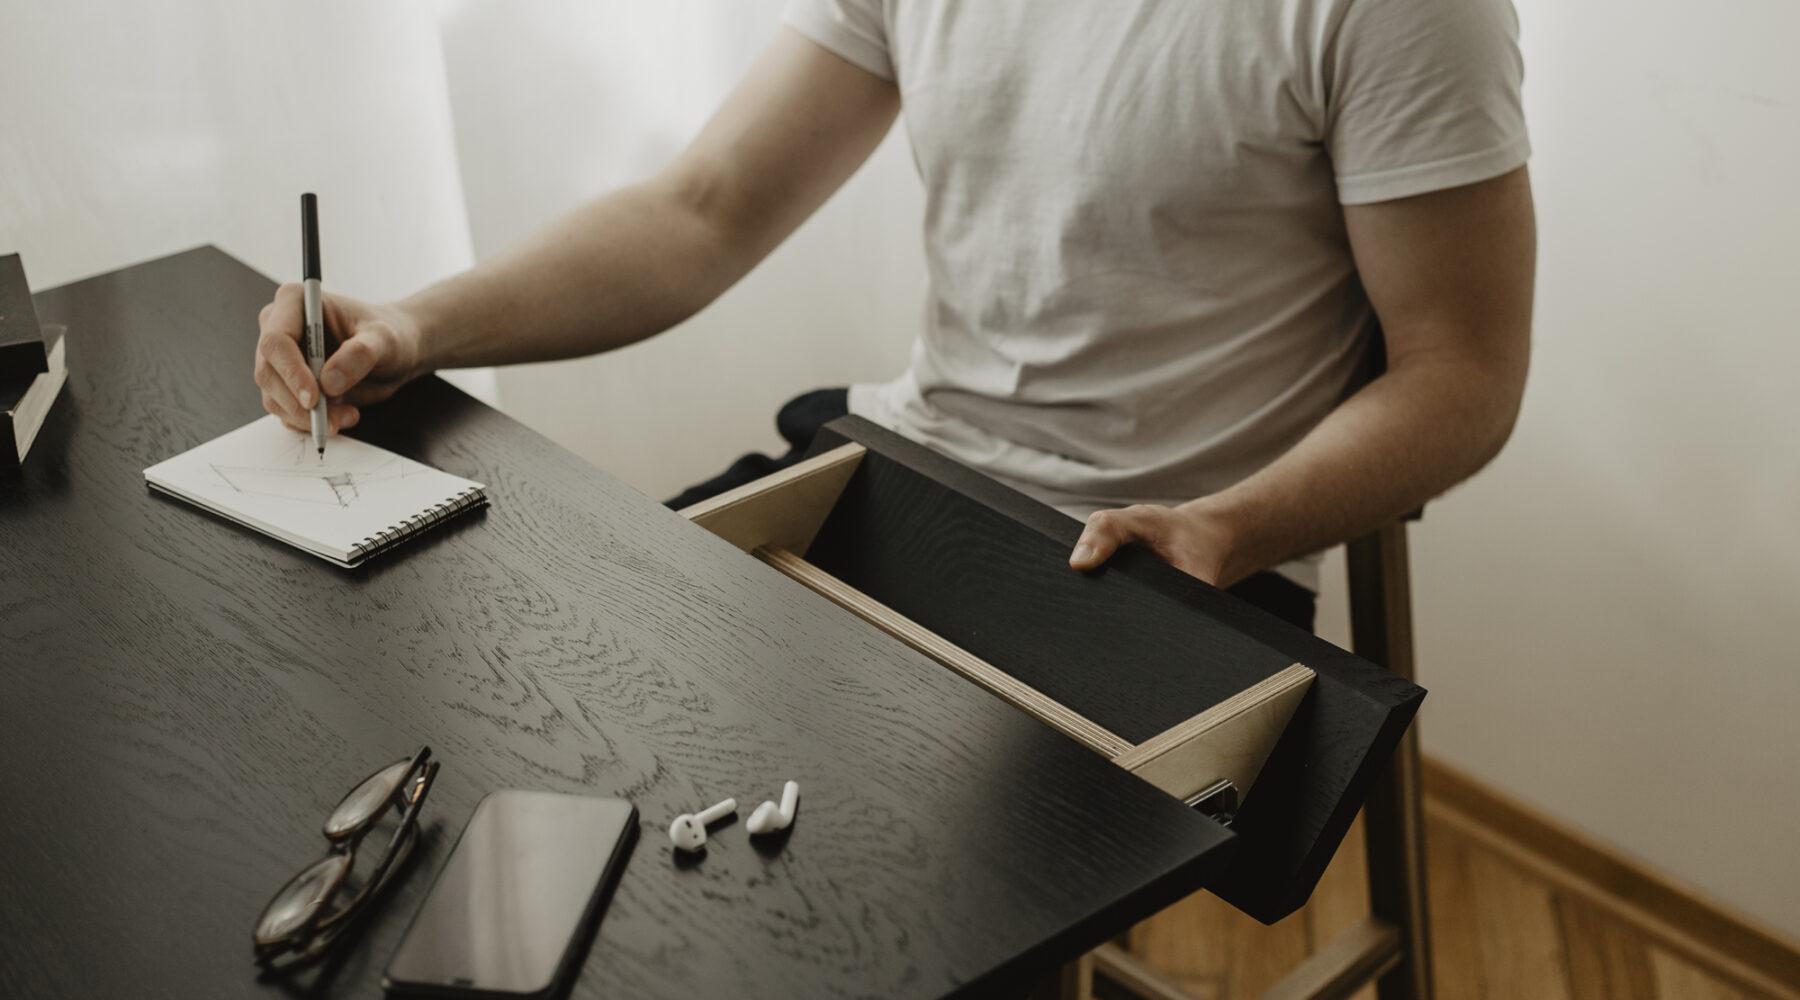 dębowy blat w kolorze czarnym z dwiema szufladami